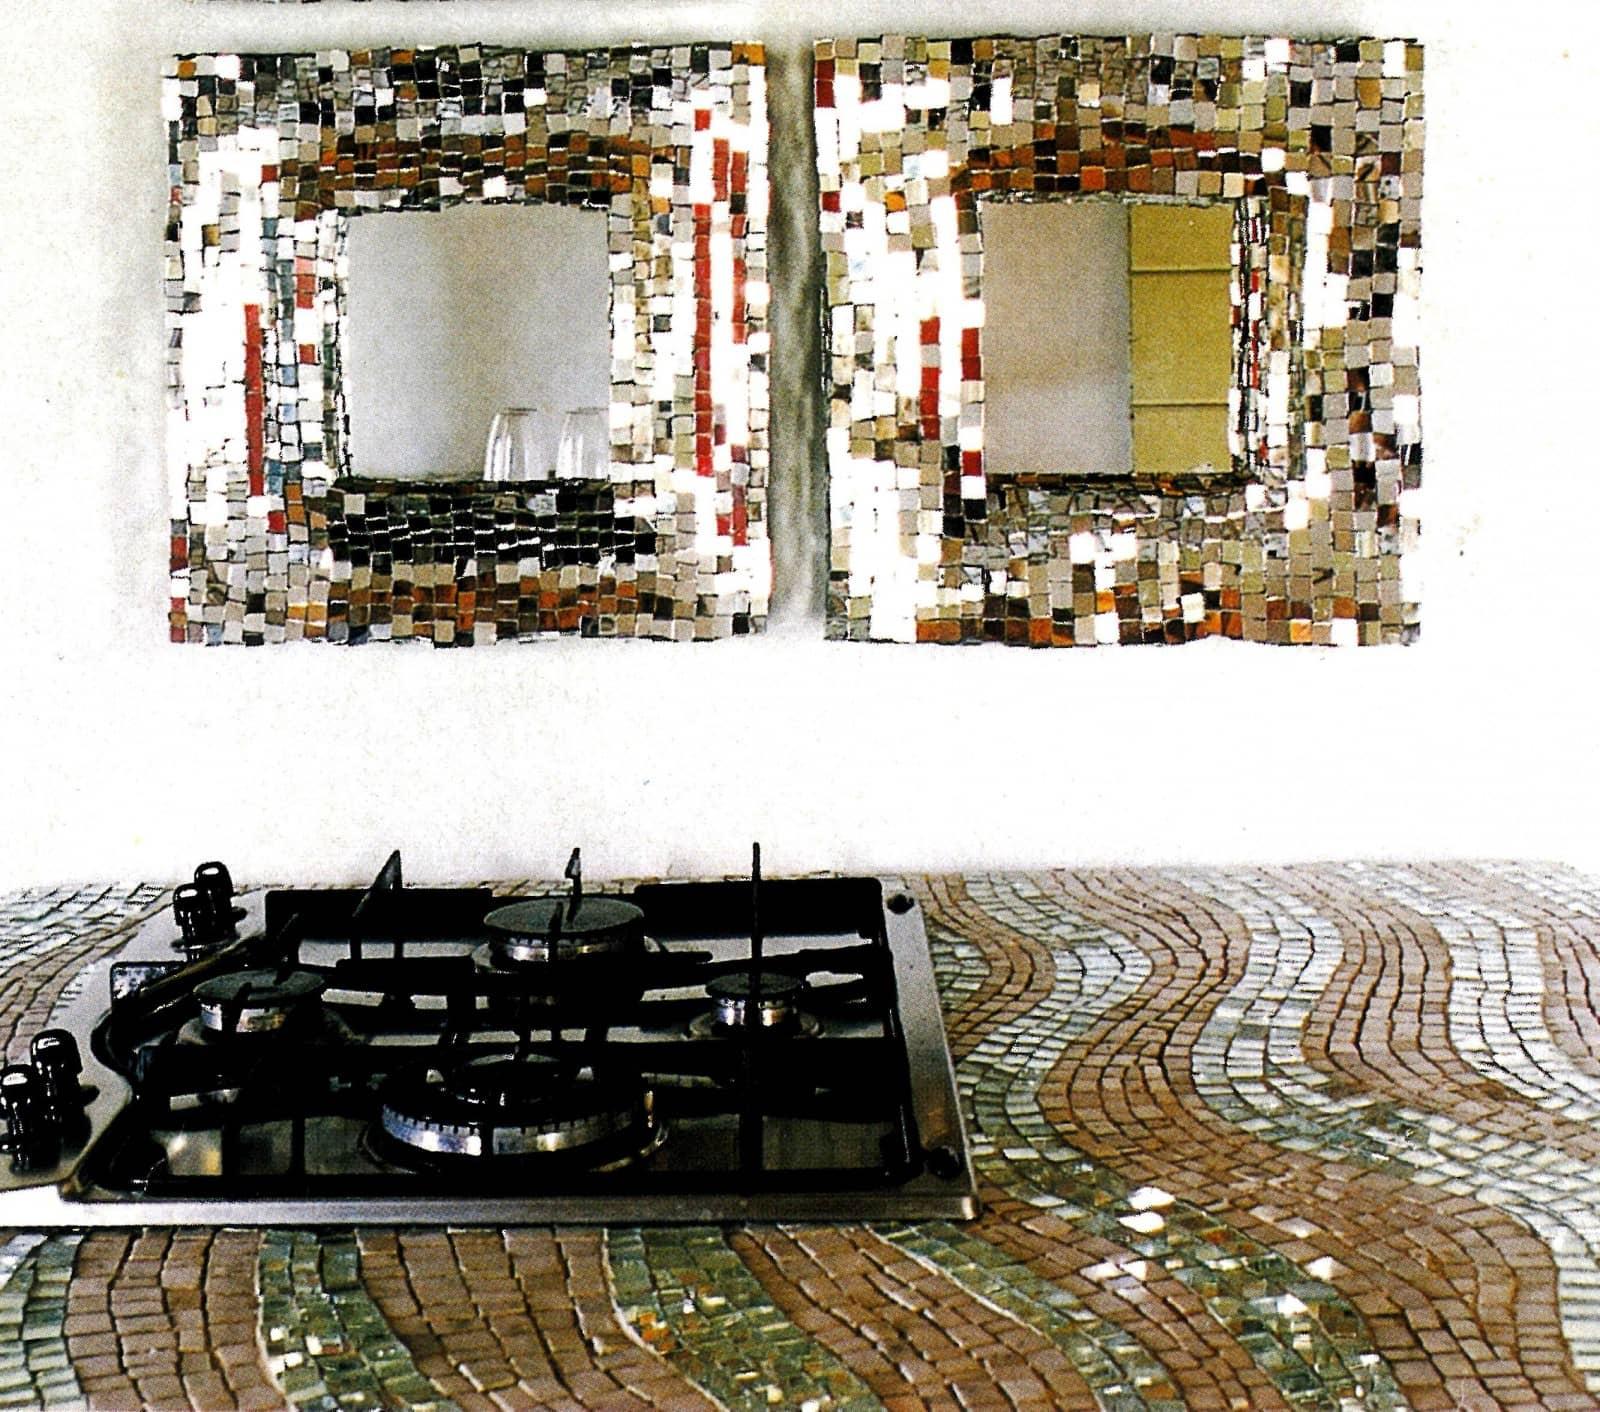 Donatella zaccaria artigiani wellmade for Premiato piano casa artigiano